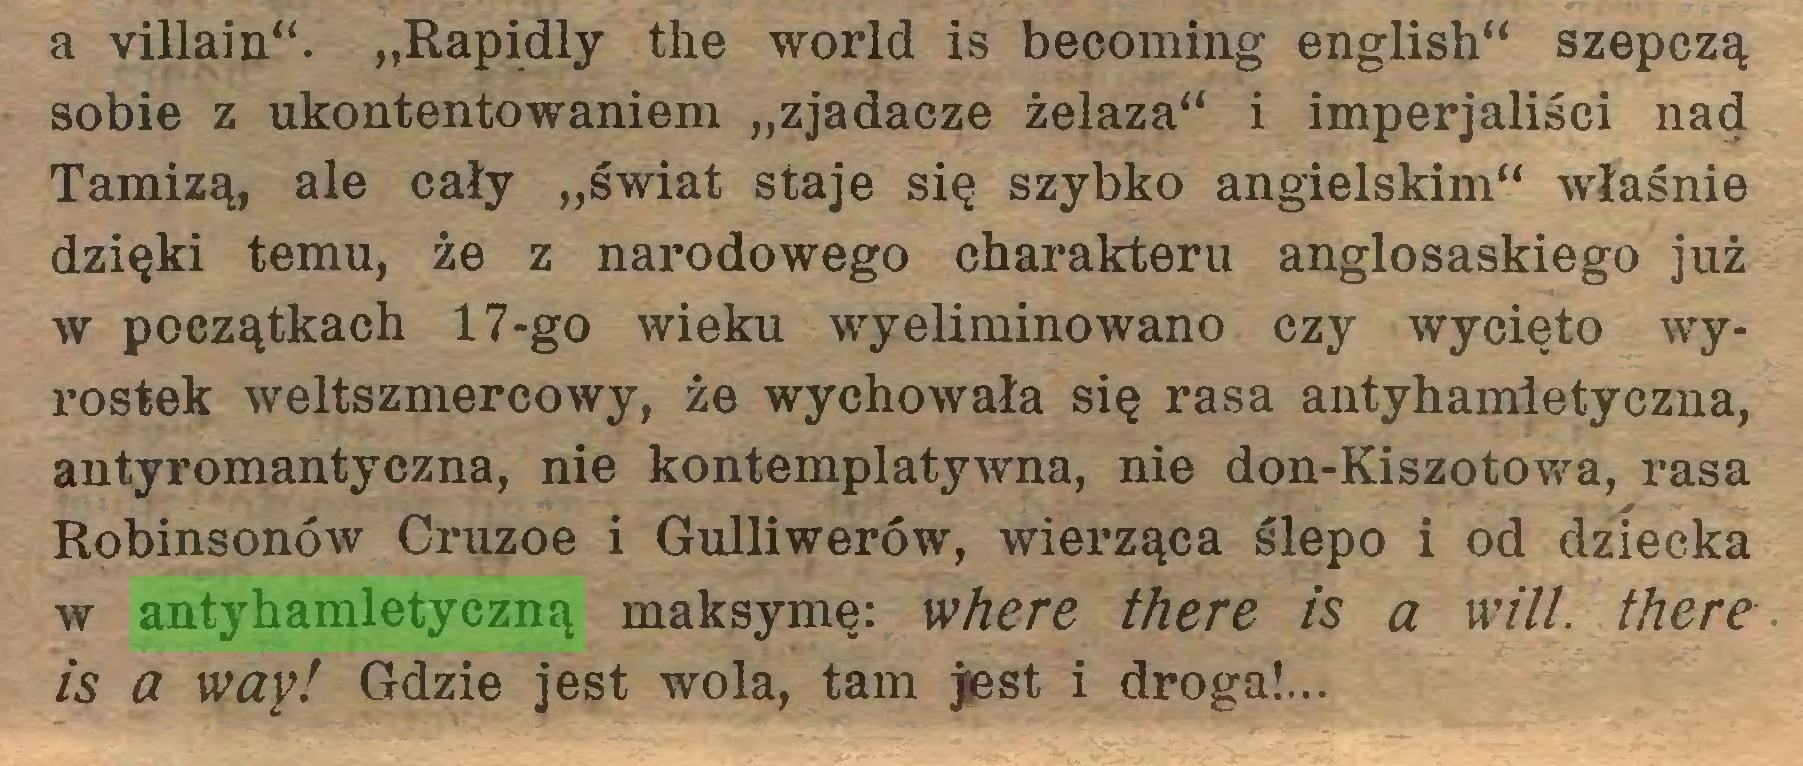 """(...) a villain"""". """"Rapidly the world is becoming english"""" szepczą sobie z ukontentowaniem """"zjadacze żelaza"""" i imperjaliści nad Tamizą, ale cały """"świat staje się szybko angielskim"""" właśnie dzięki temu, że z narodowego charakteru anglosaskiego już w początkach 17-go wieku wyeliminowano czy wycięto wyrostek weltszmercowy, że wychowała się rasa antyhamletyczna, antyromantyczna, nie kontemplatywna, nie don-Kiszotowa, rasa Robinsonów Cruzoe i Gulliwerów, wierząca ślepo i od dziecka w antyhamletyczną maksymę: where there is a will, there is a way! Gdzie jest wola, tam jest i droga!..."""